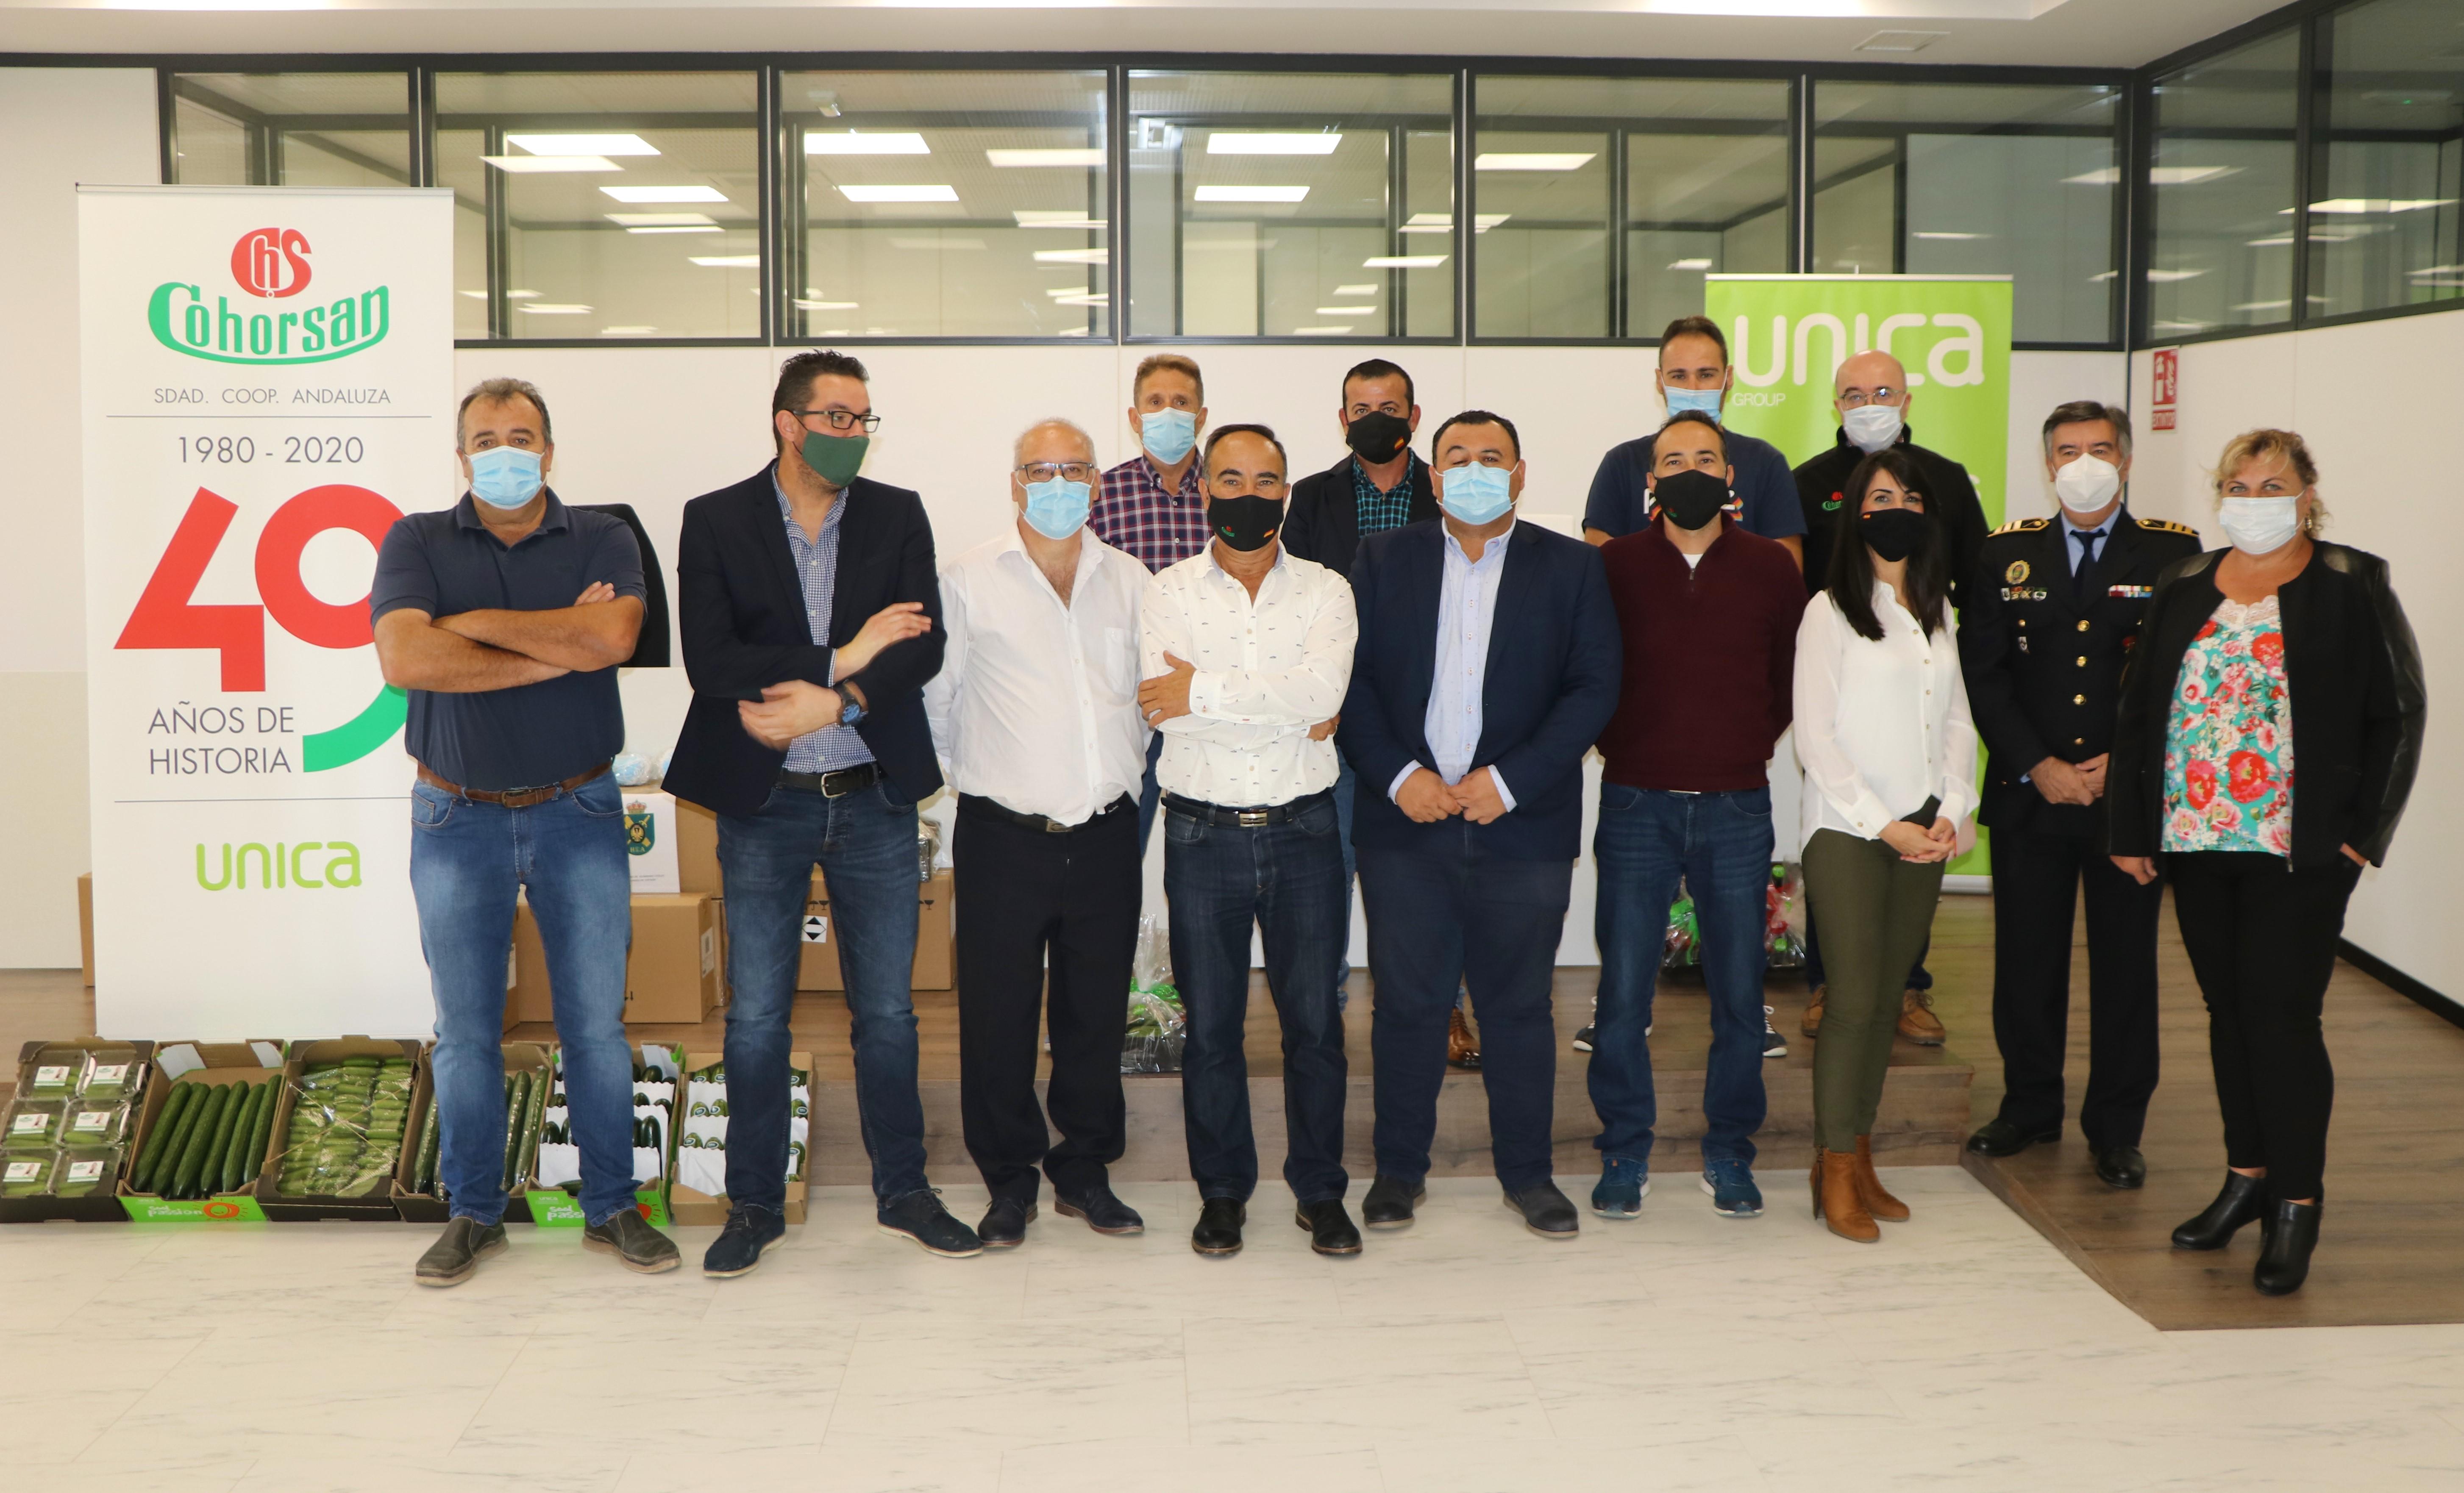 La Hermandad de Guardias Civiles Auxiliares de Almería hace entrega a través de la Cooperativa Cohorsan de un total de 7.500 mascarillas y 100 litros de gel hidroalcohólico para donarlos a diferentes entidades del núcleo de San Agustín